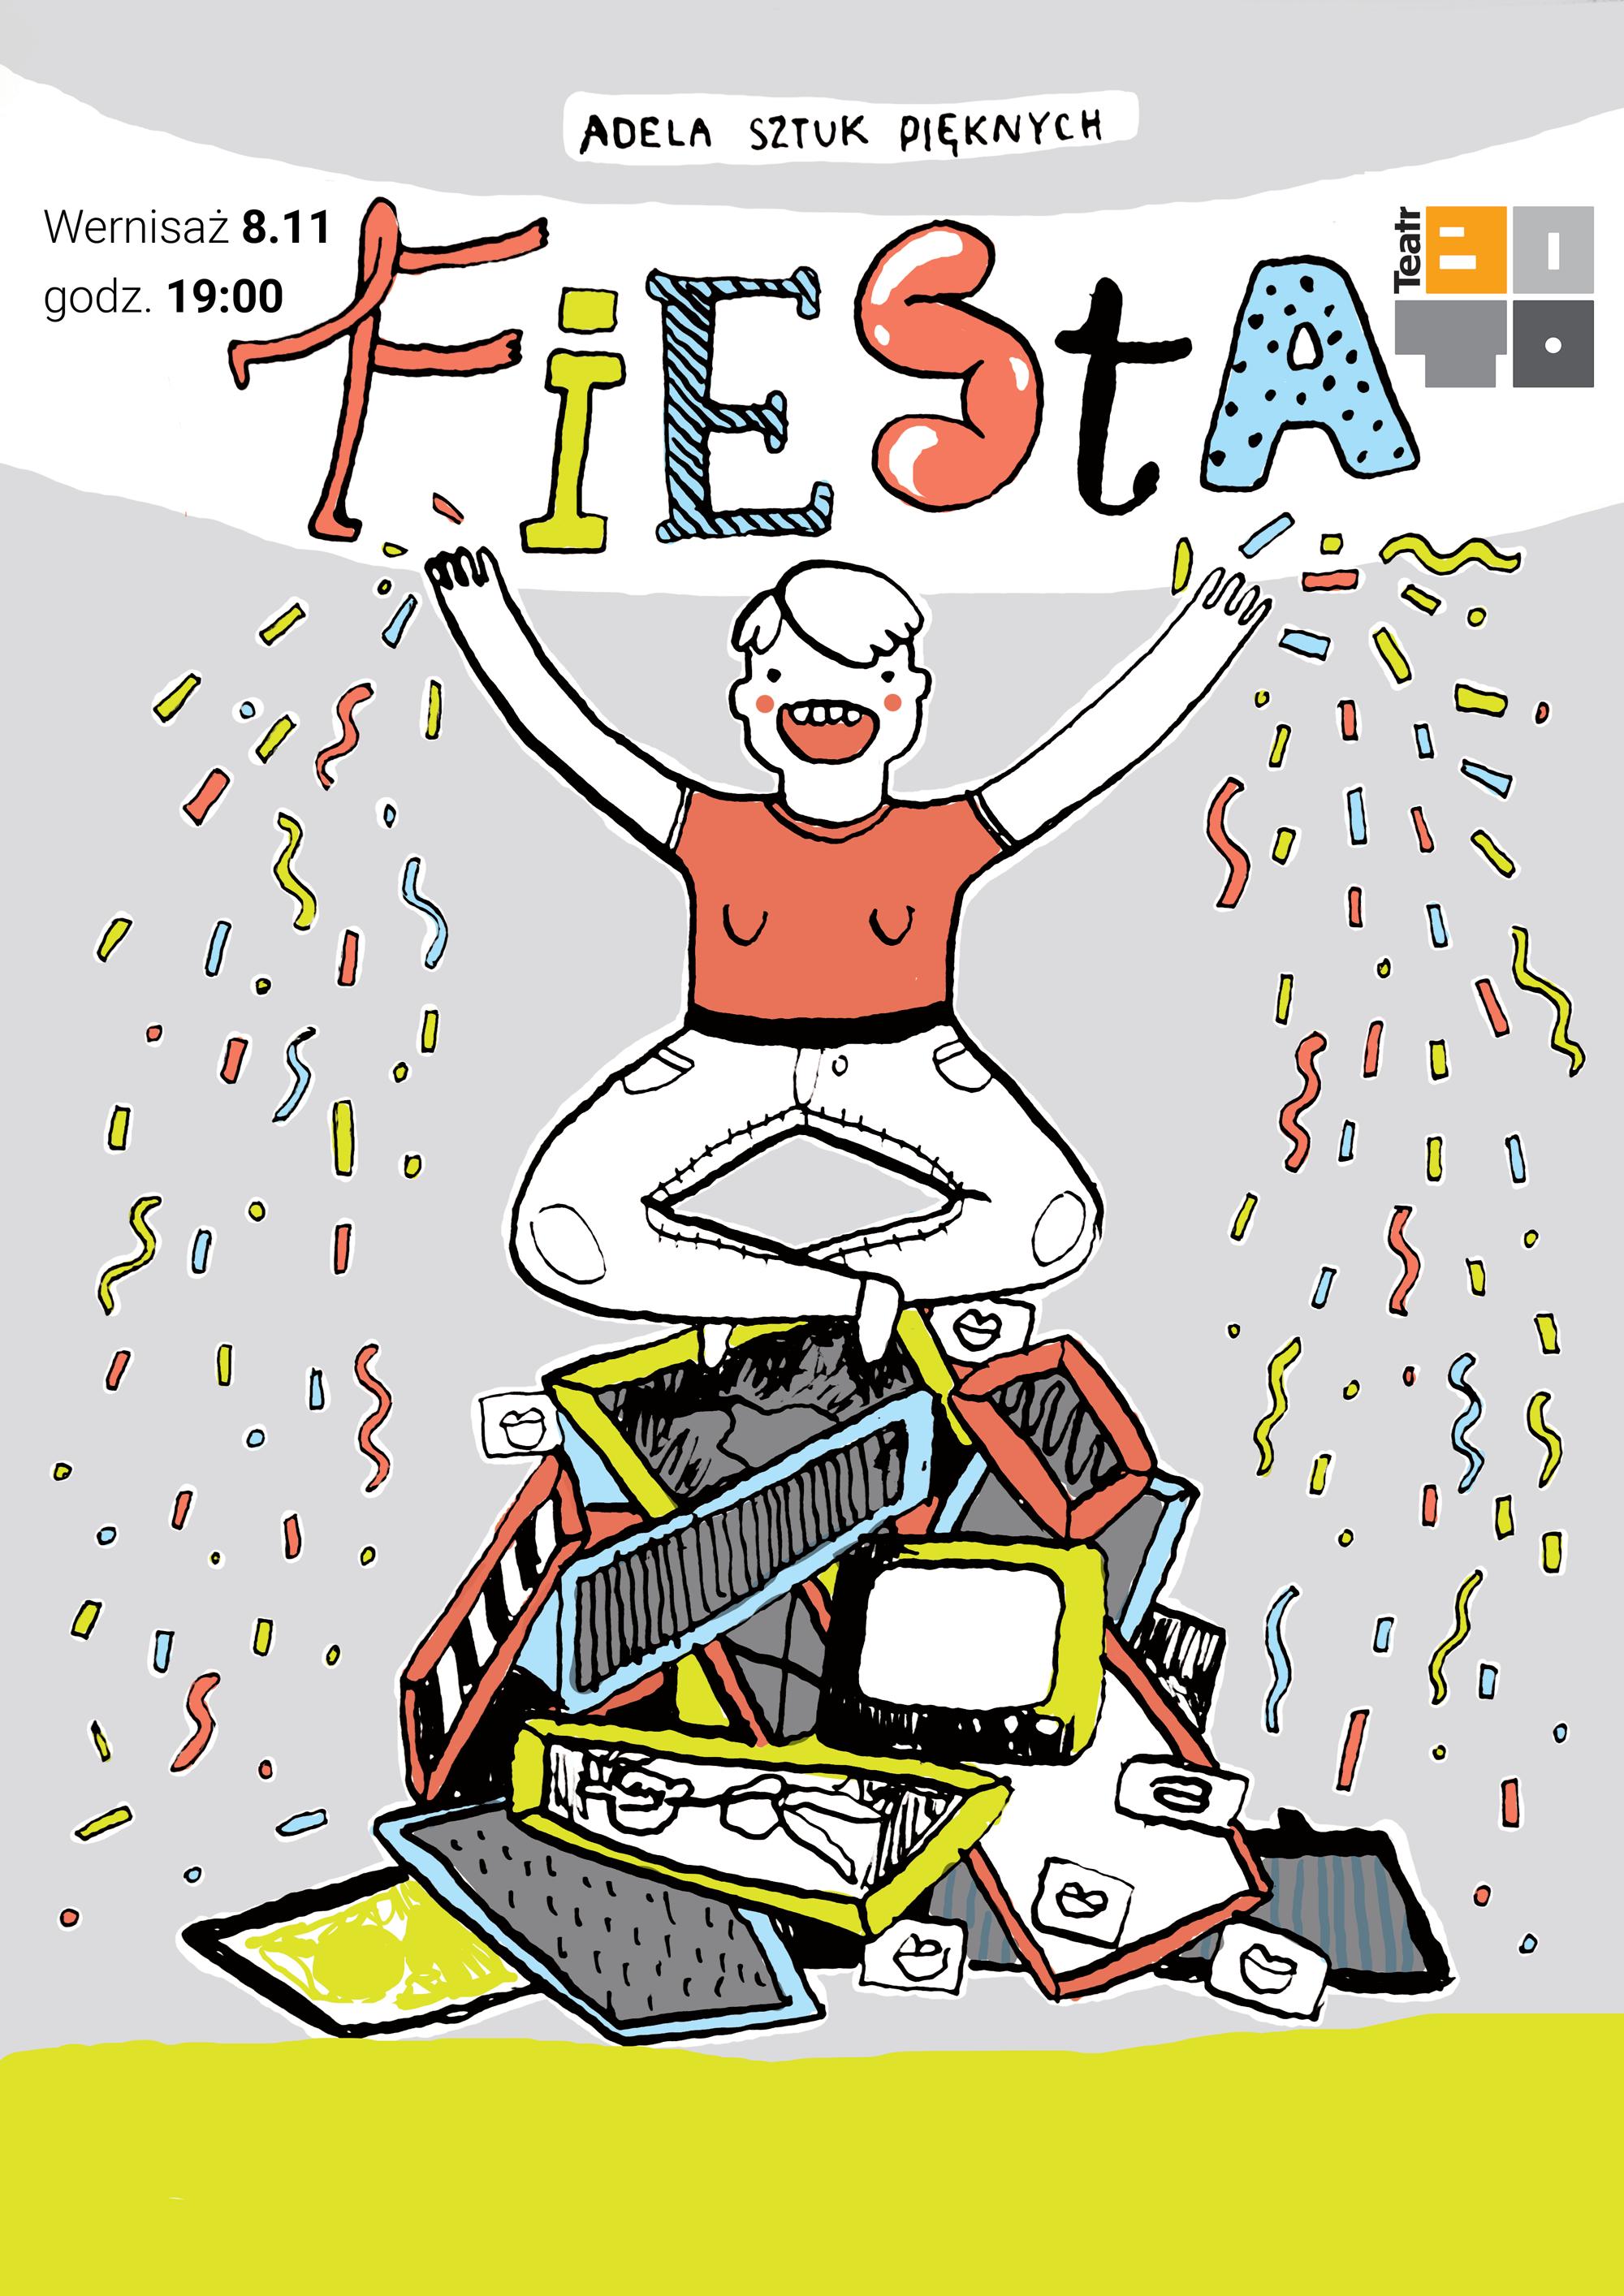 Adela Sztuk Pięknych – Fiesta / wernisaż wystawy